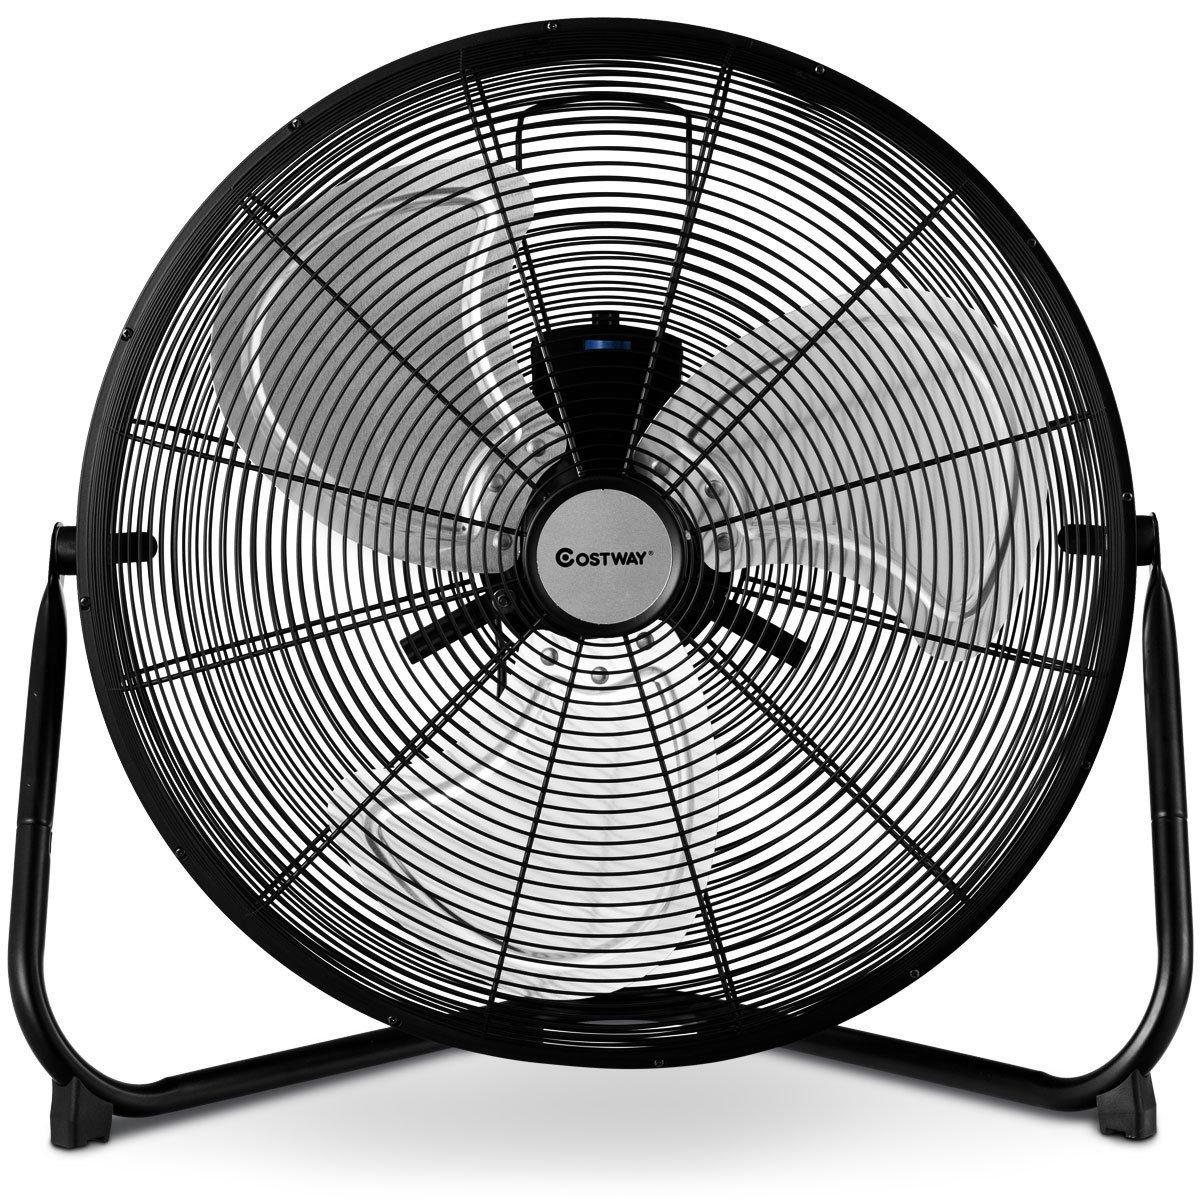 COSTWAY High Velocity Fan 20-Inch 3-Speed Metal Commercial Industrial Grade 360° Floor Fan, Black (20'')